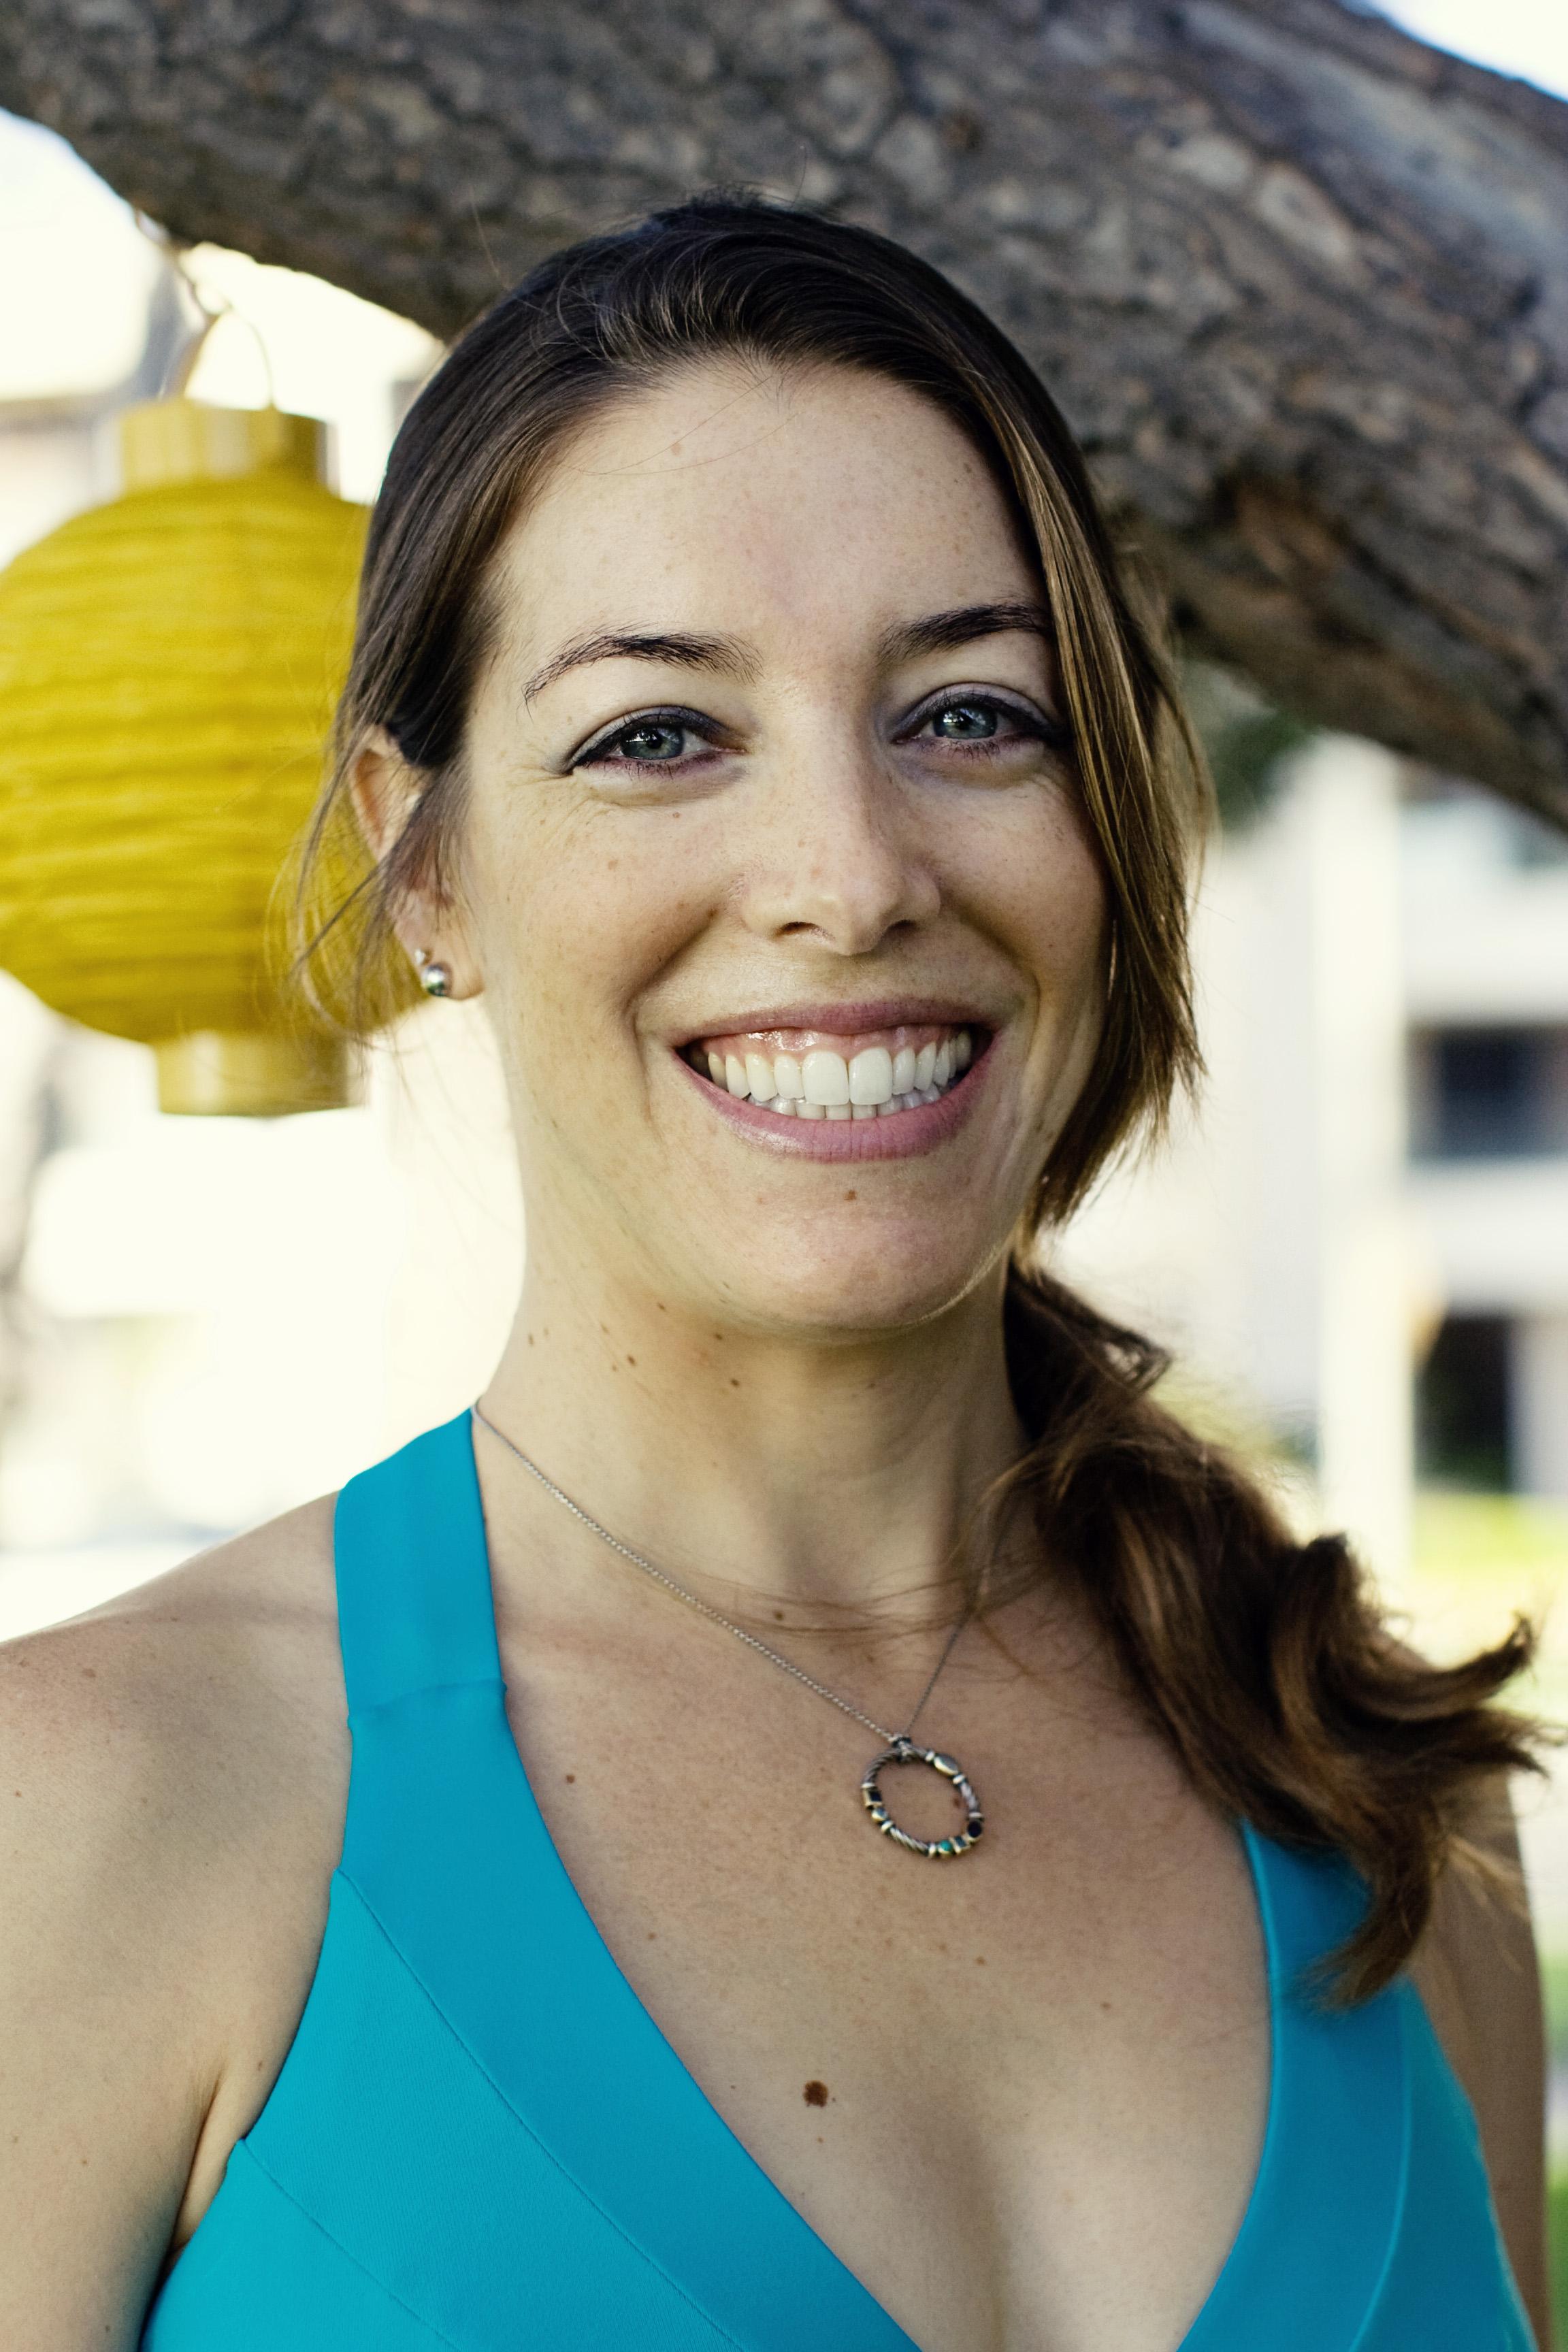 Yoga and Pilates teacher Nicole Currie